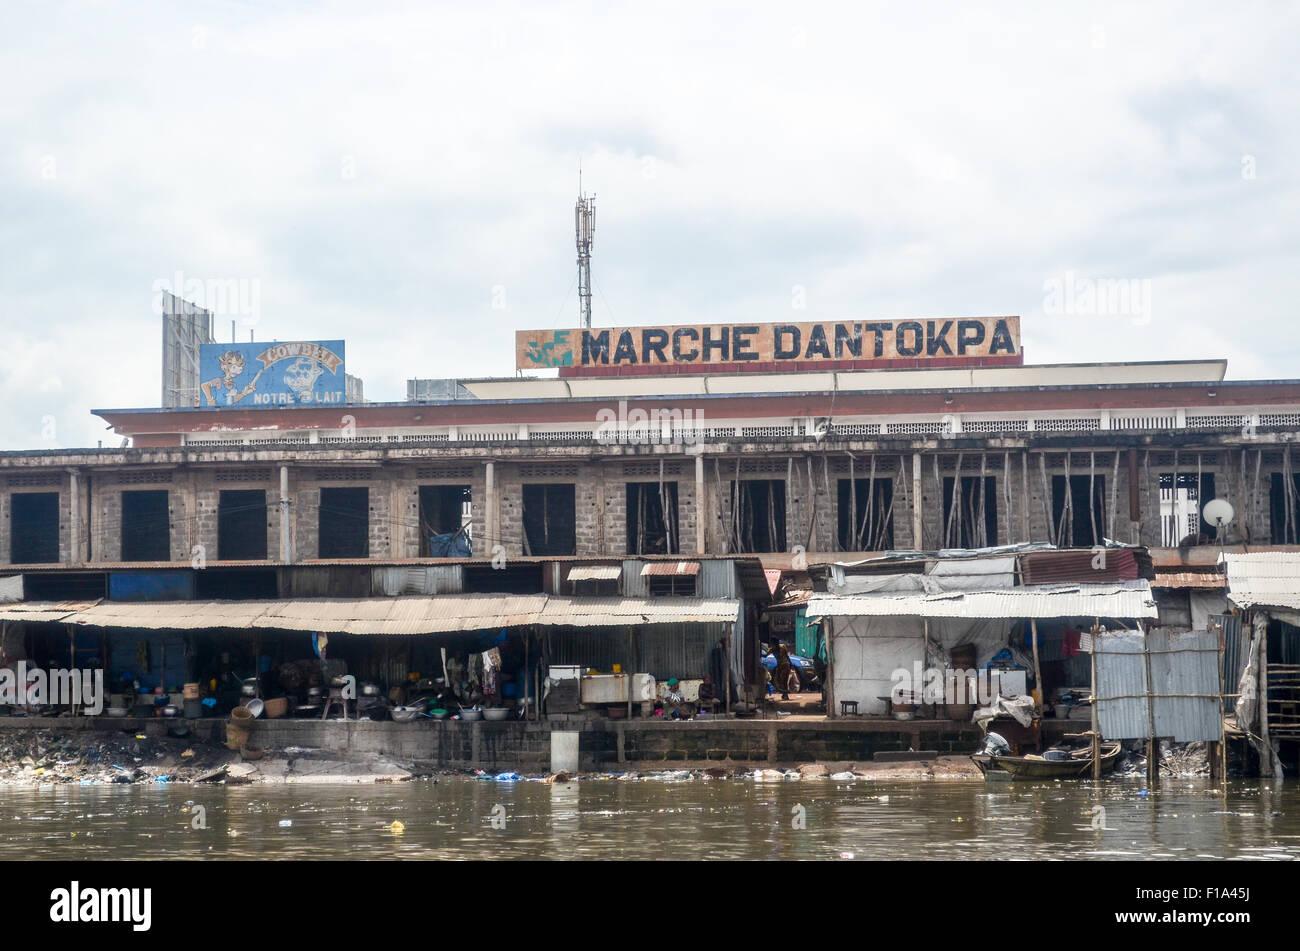 Côté sale de marché Dantokpa à Cotonou, Bénin, de l'Ouémé river Photo Stock